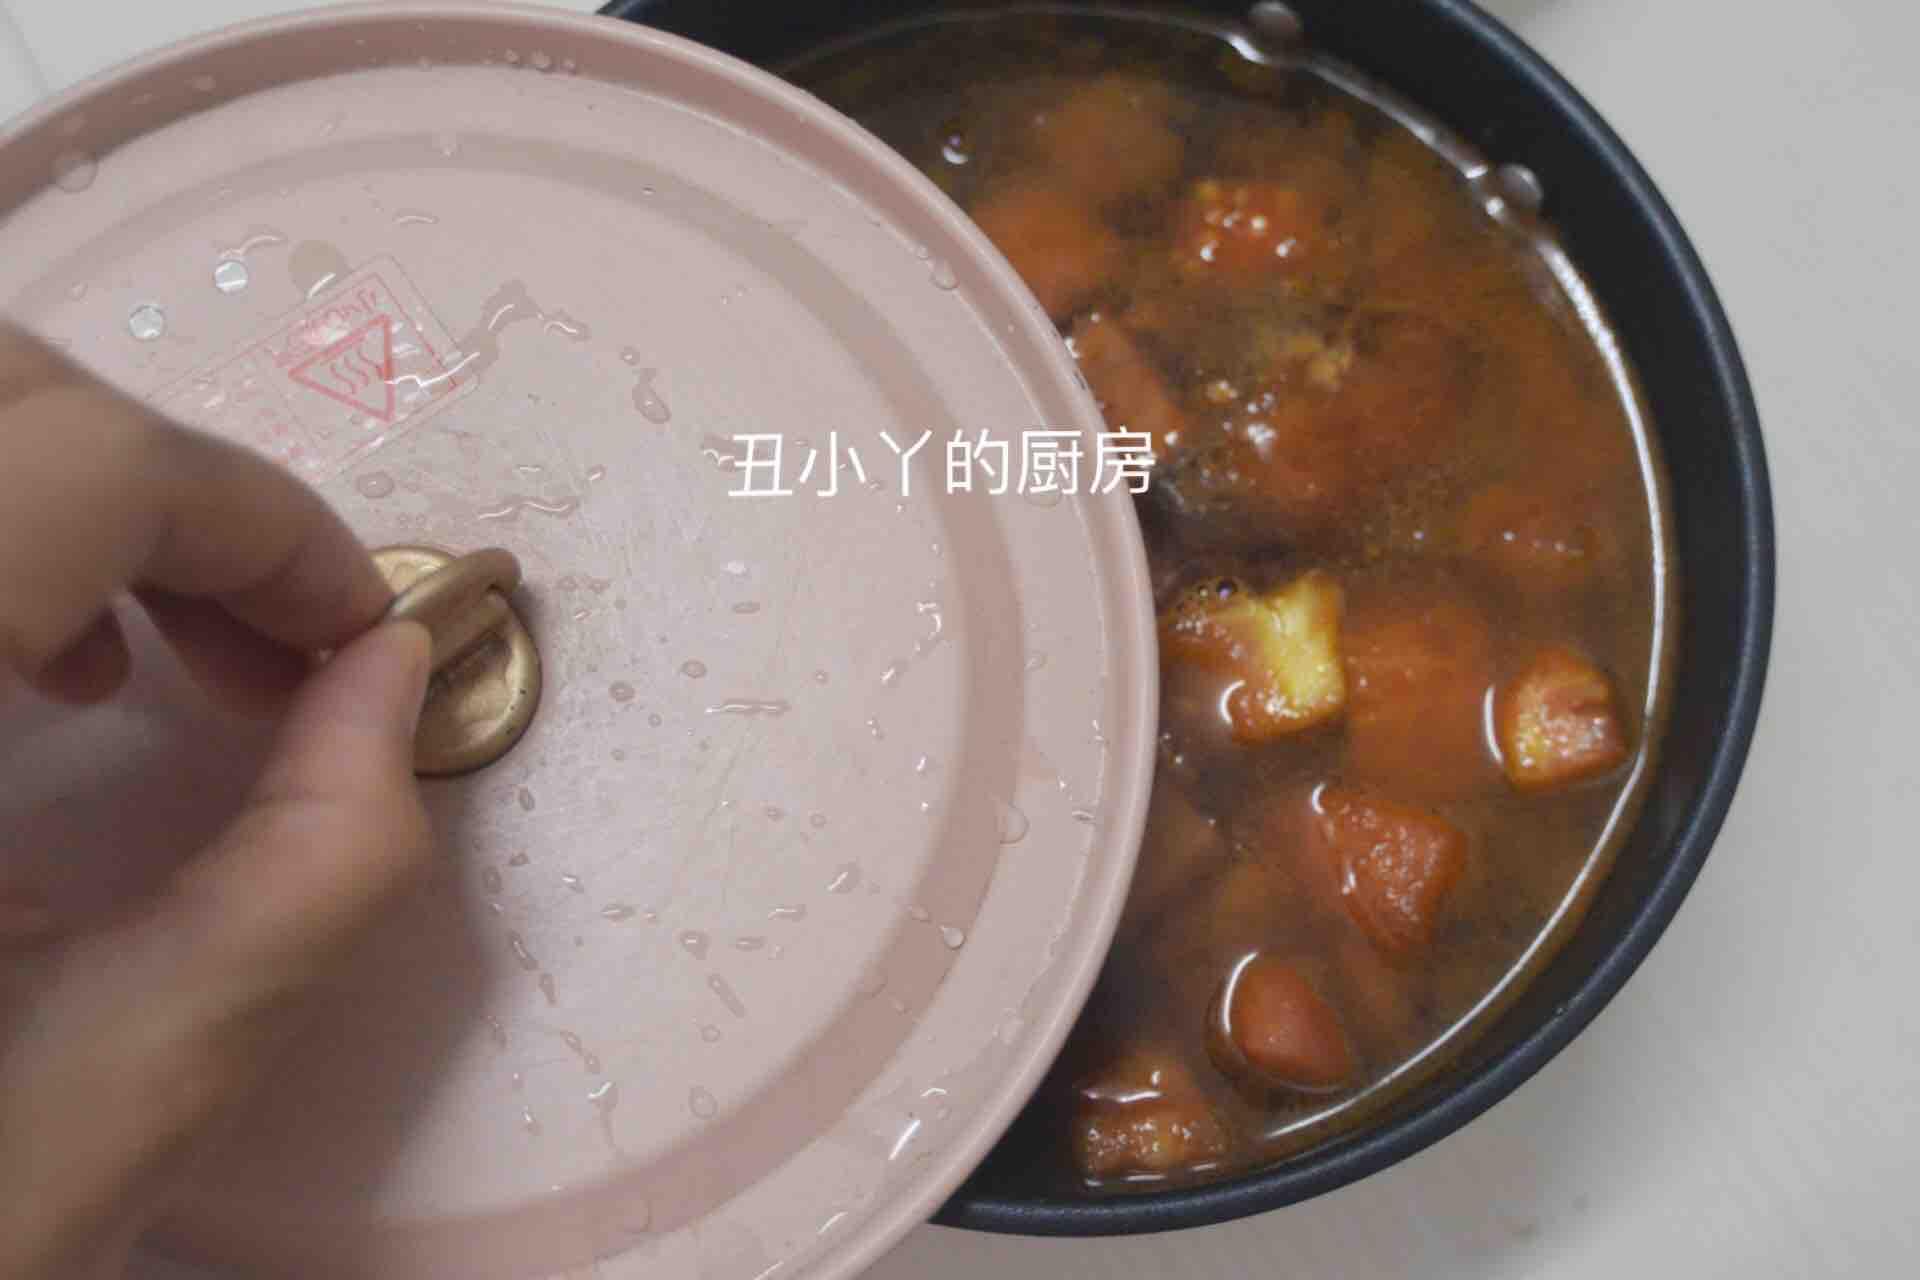 酸爽开胃 番茄豆腐鸡蛋羹怎么吃